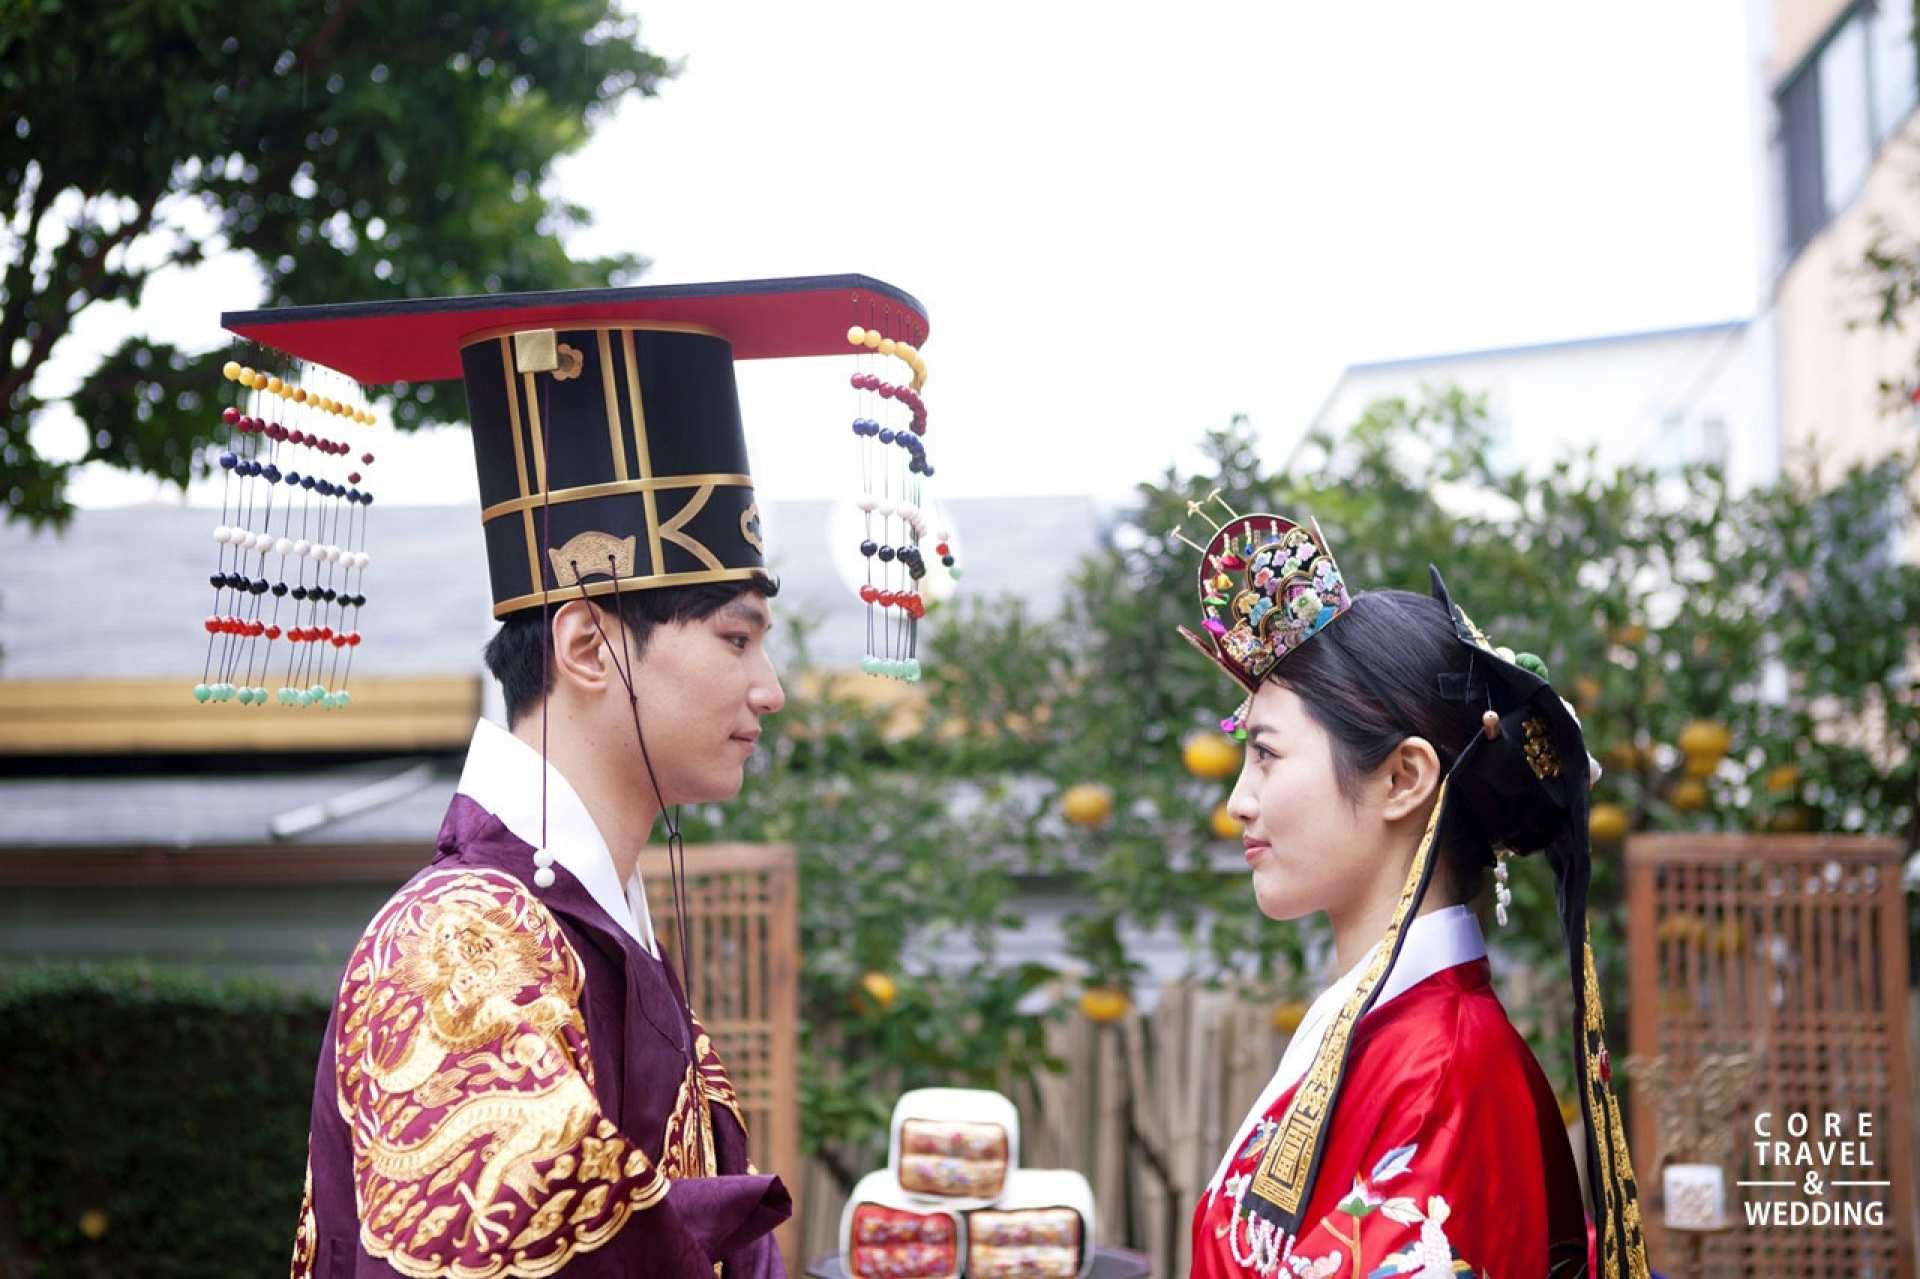 【歷久彌新的美麗】韓國傳統婚禮體驗+傳統韓服婚紗拍攝